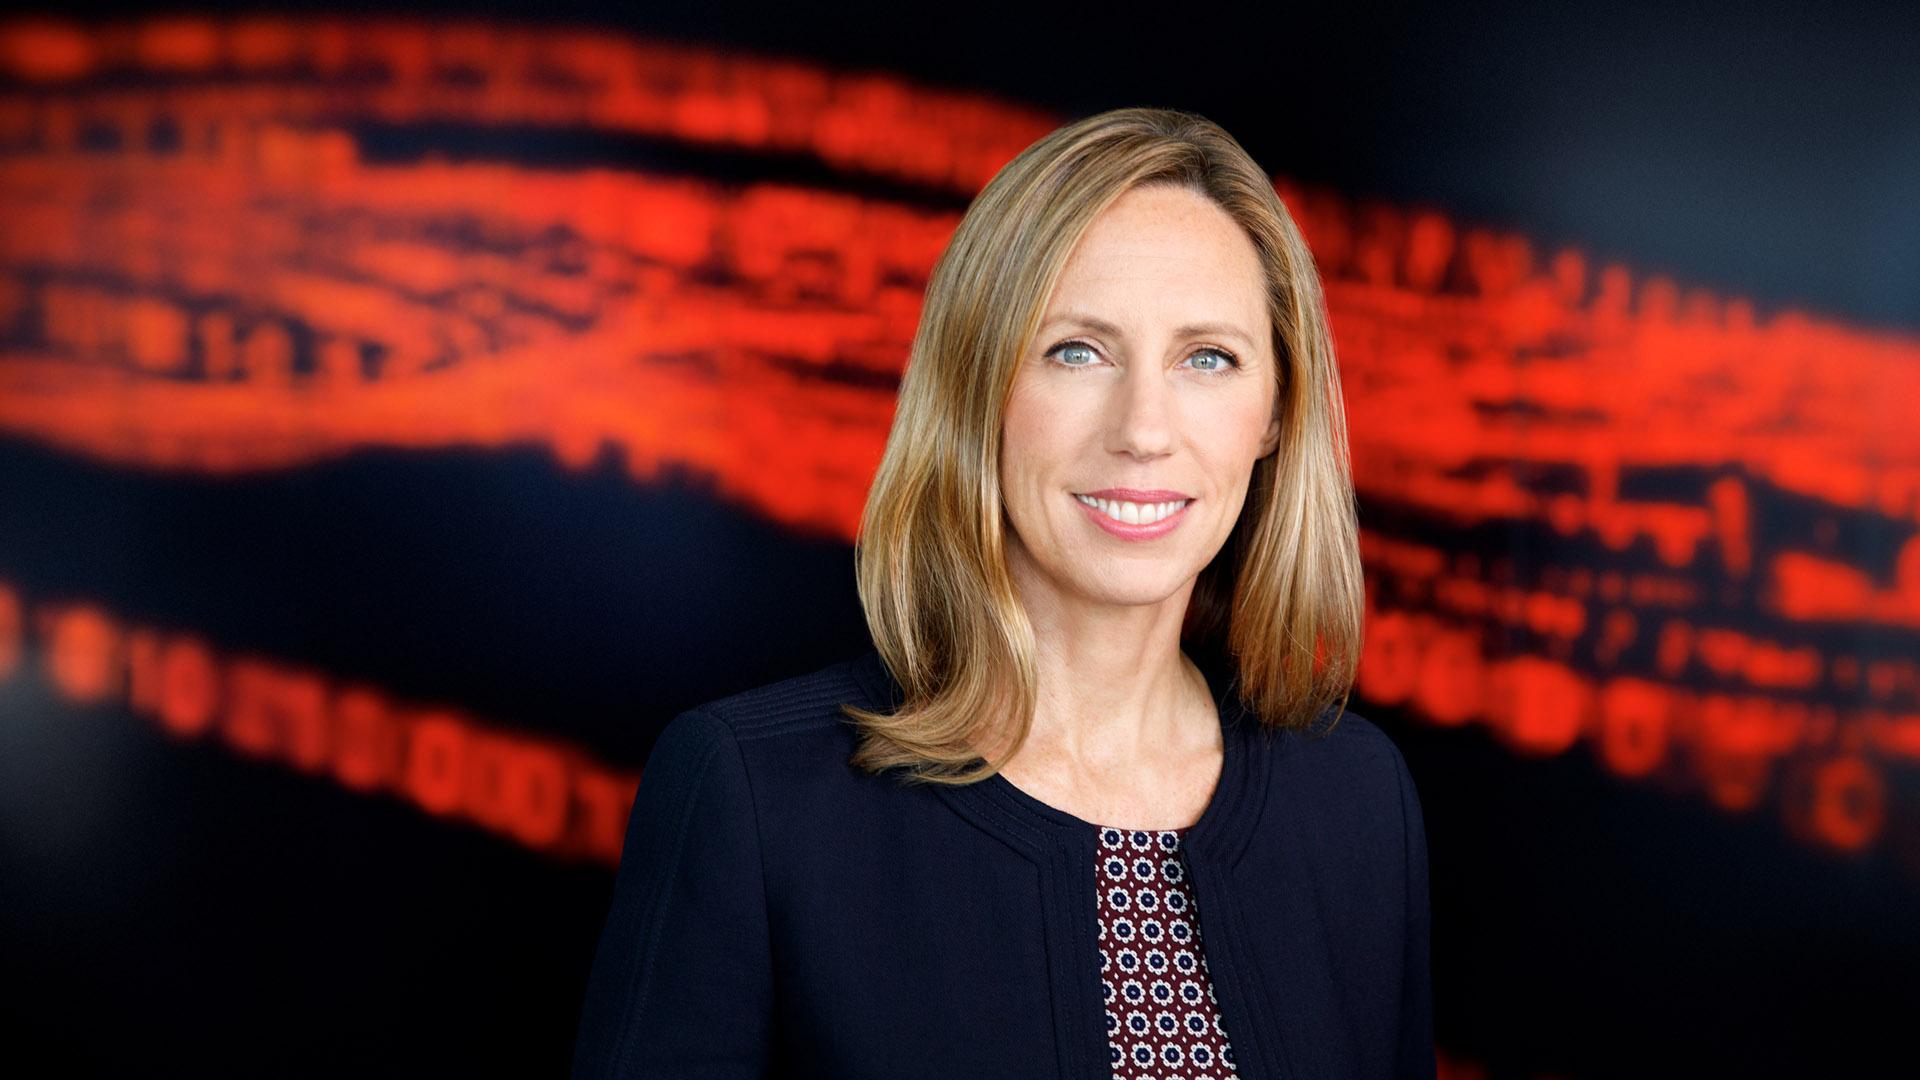 Bettina Karsch